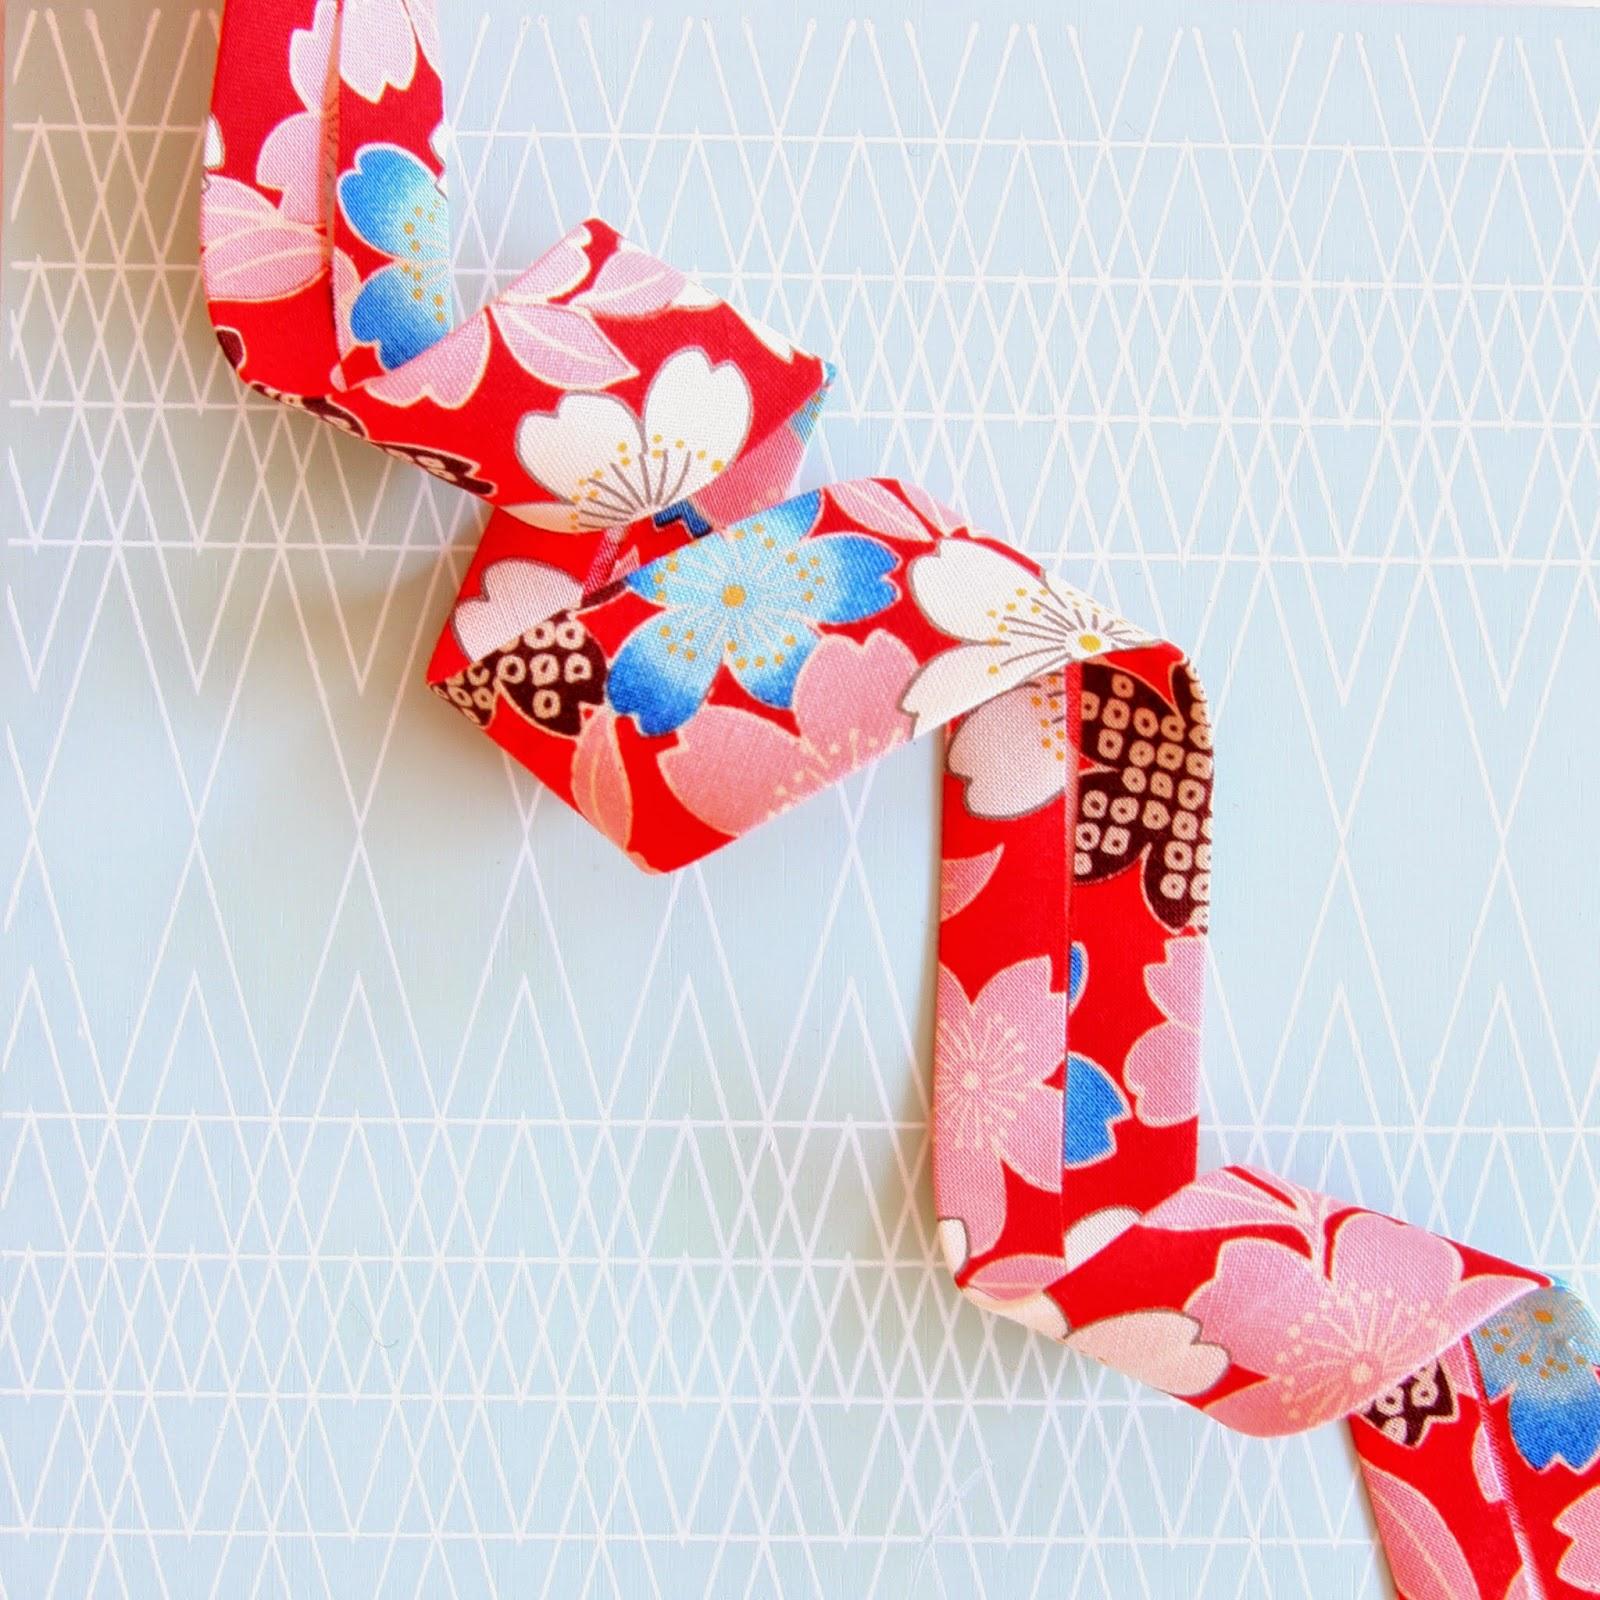 25 mm skråbånd enkeltfoldet i japansk stof med smukt kirsbærblometer motiv.